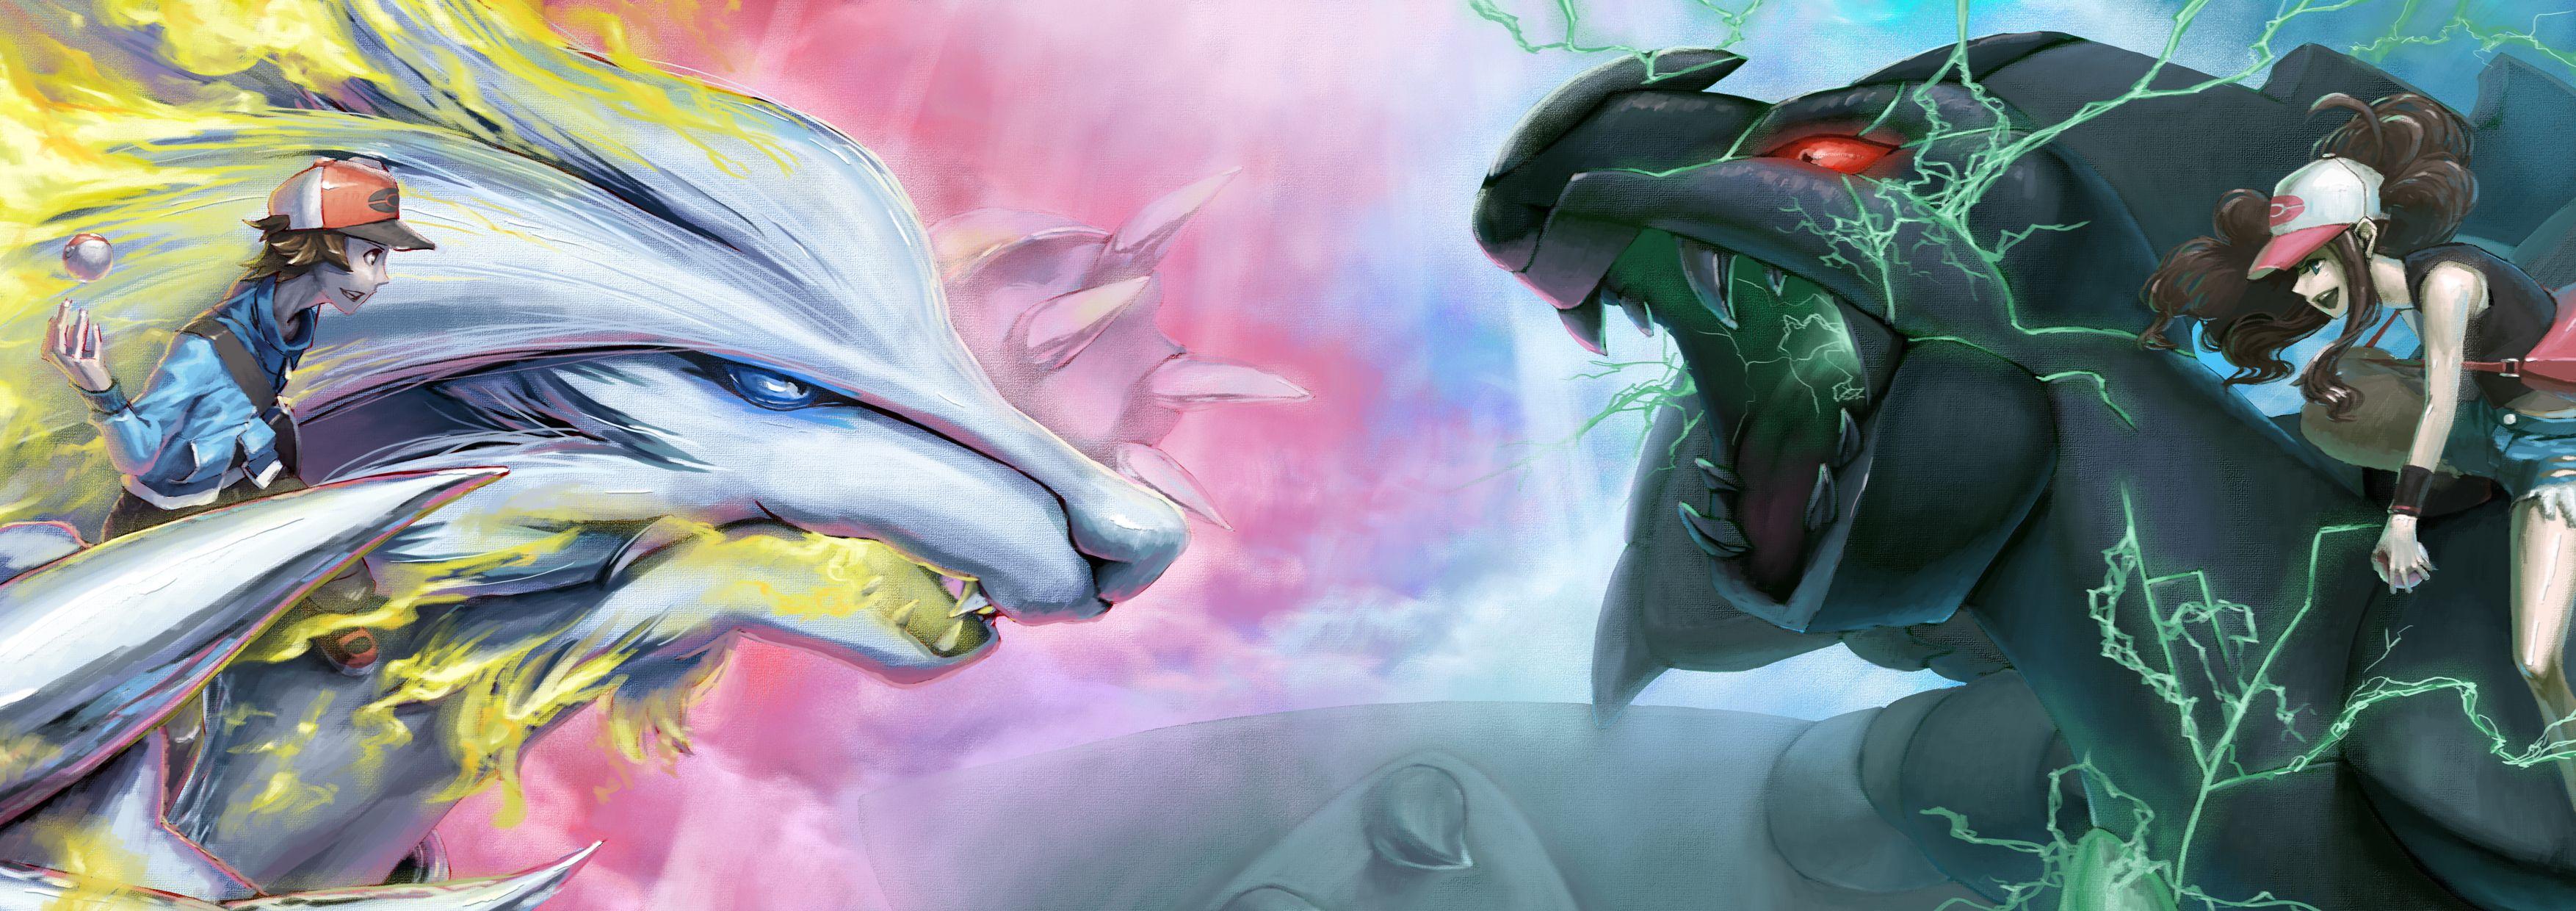 Anime Pokemon Pokémon Reshiram Zekrom Wallpaper